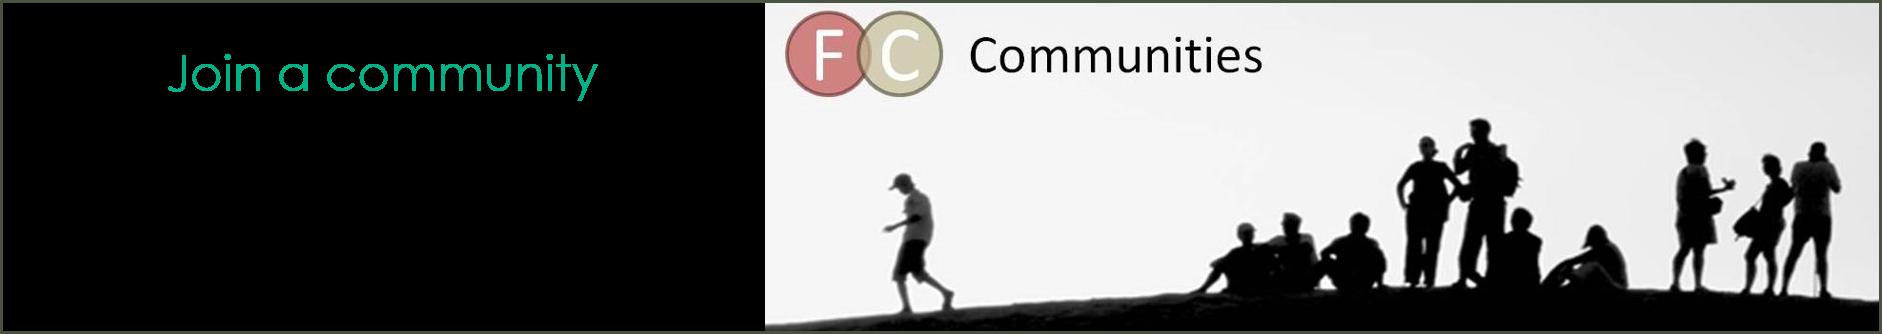 community-slider-thin